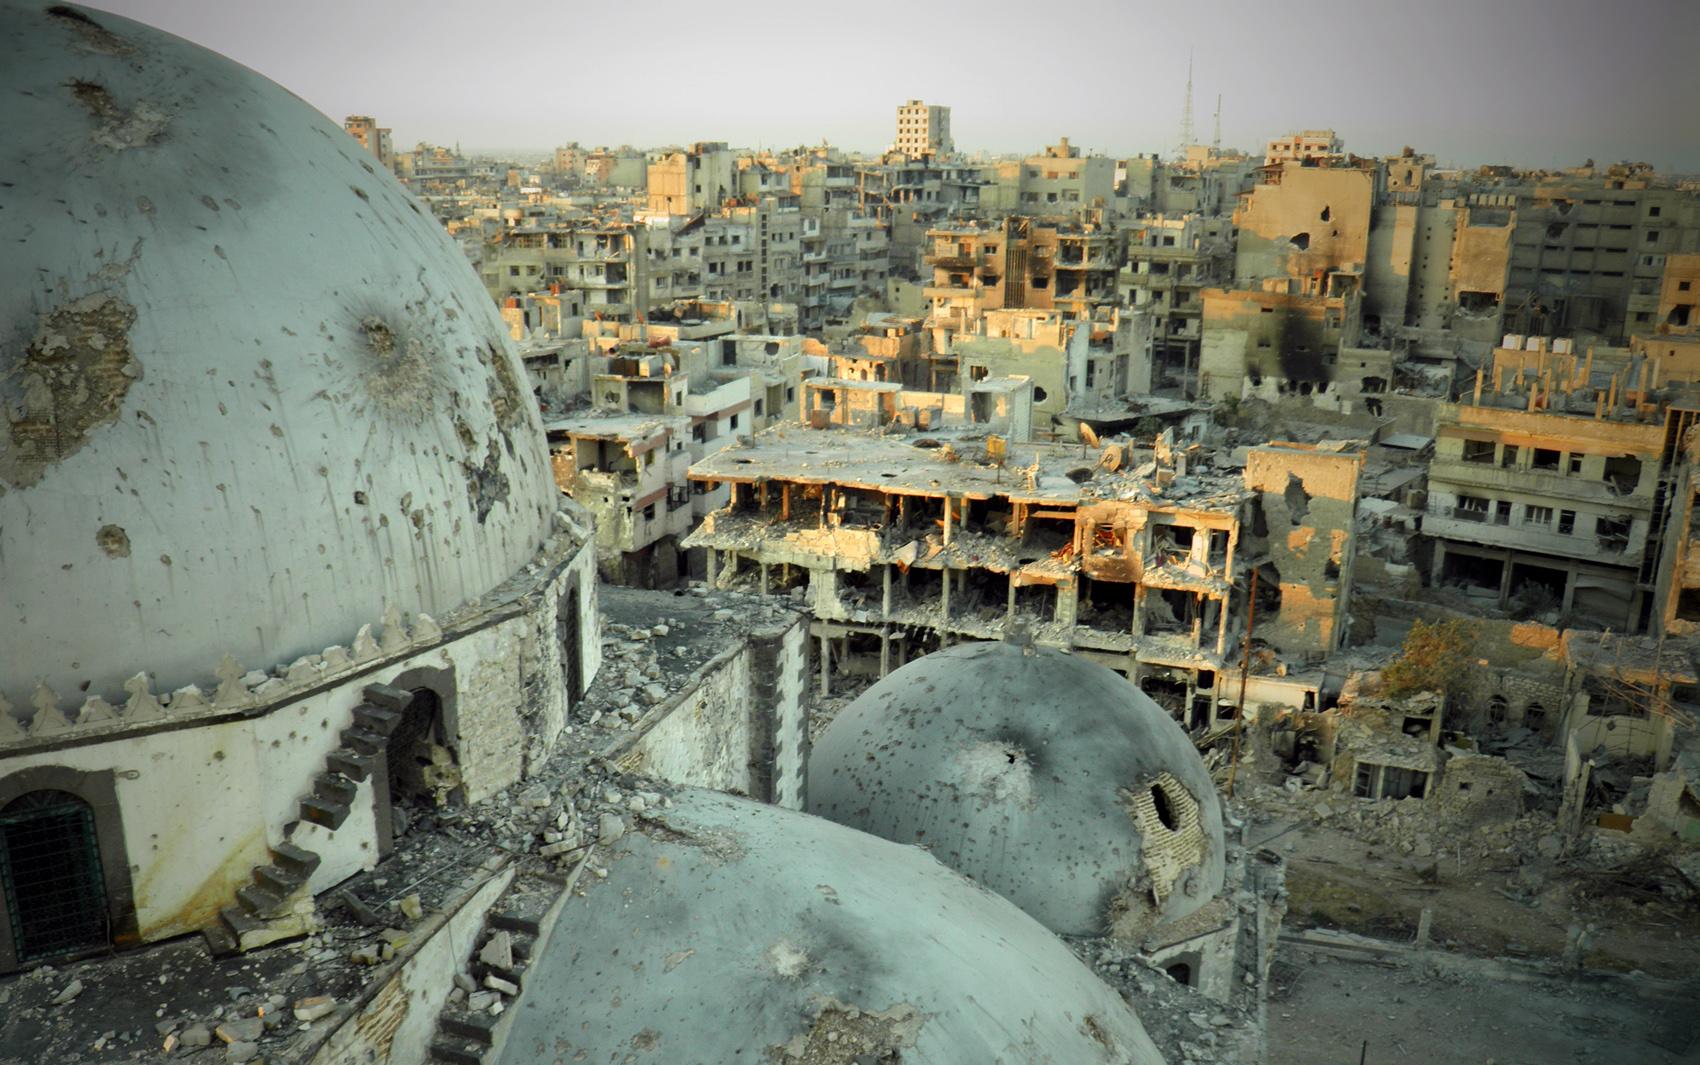 Imagem divulgada por opositores sírios mostra destruição da cidade de Homs e da mesquita Khaled bin Walid